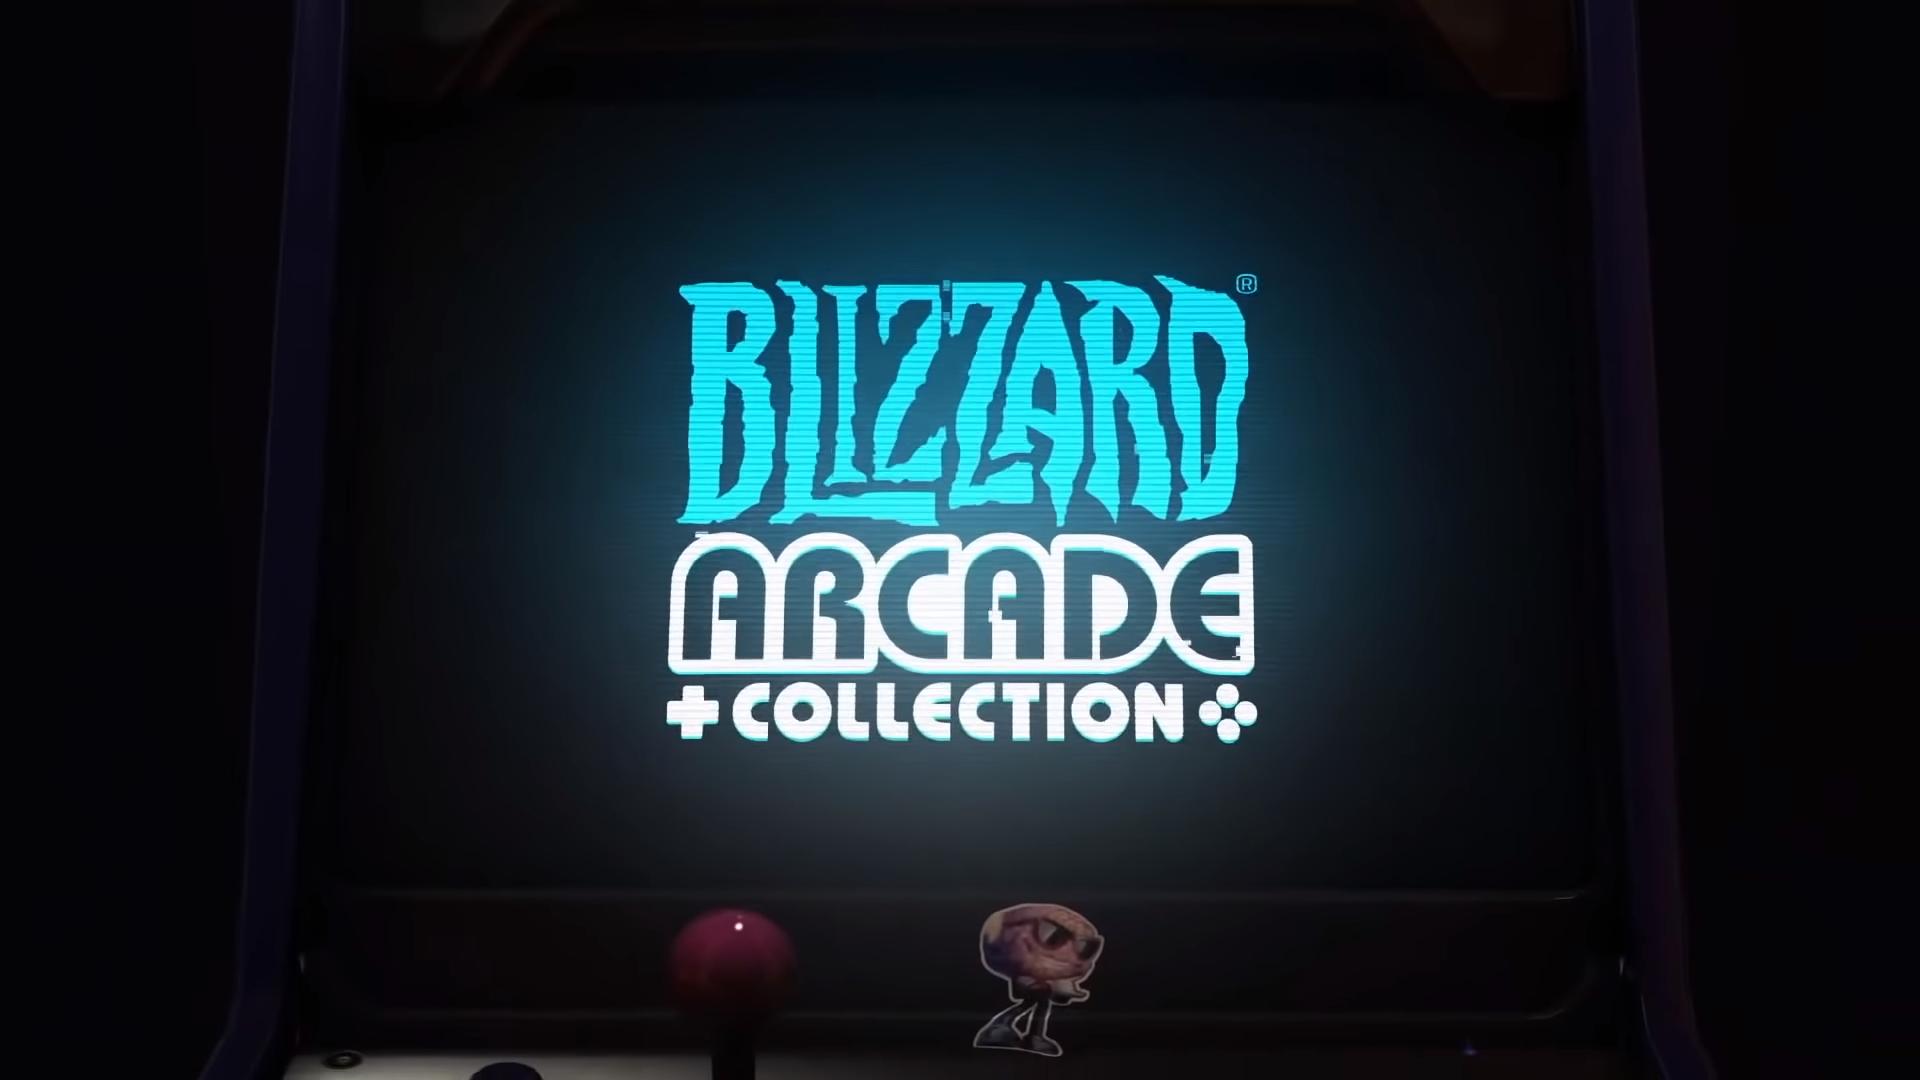 Blizzard Arcade Collection Blizzcon 2021